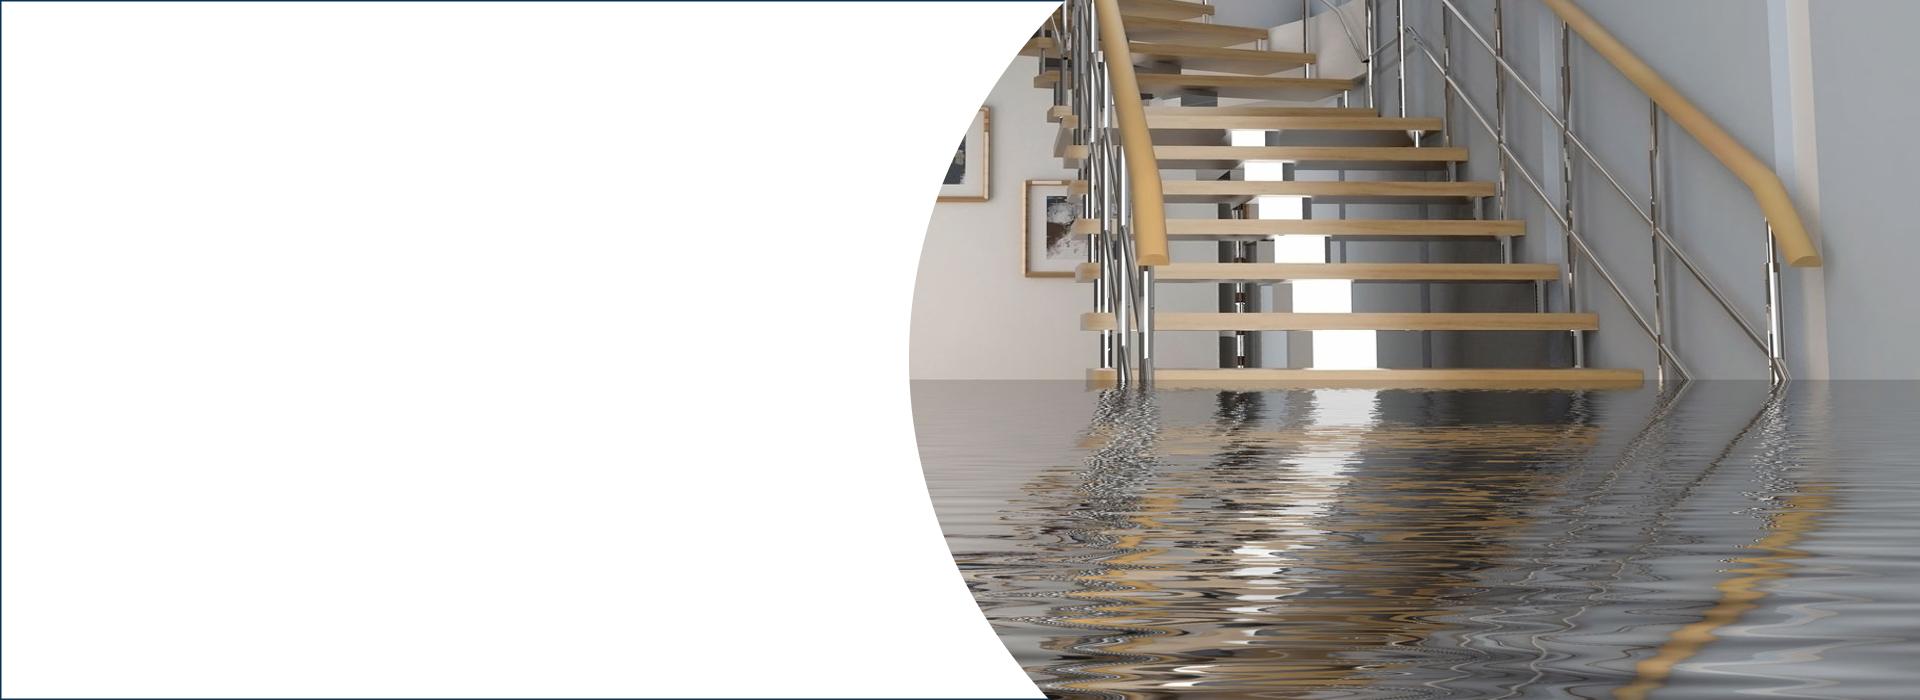 Flood_Split_image